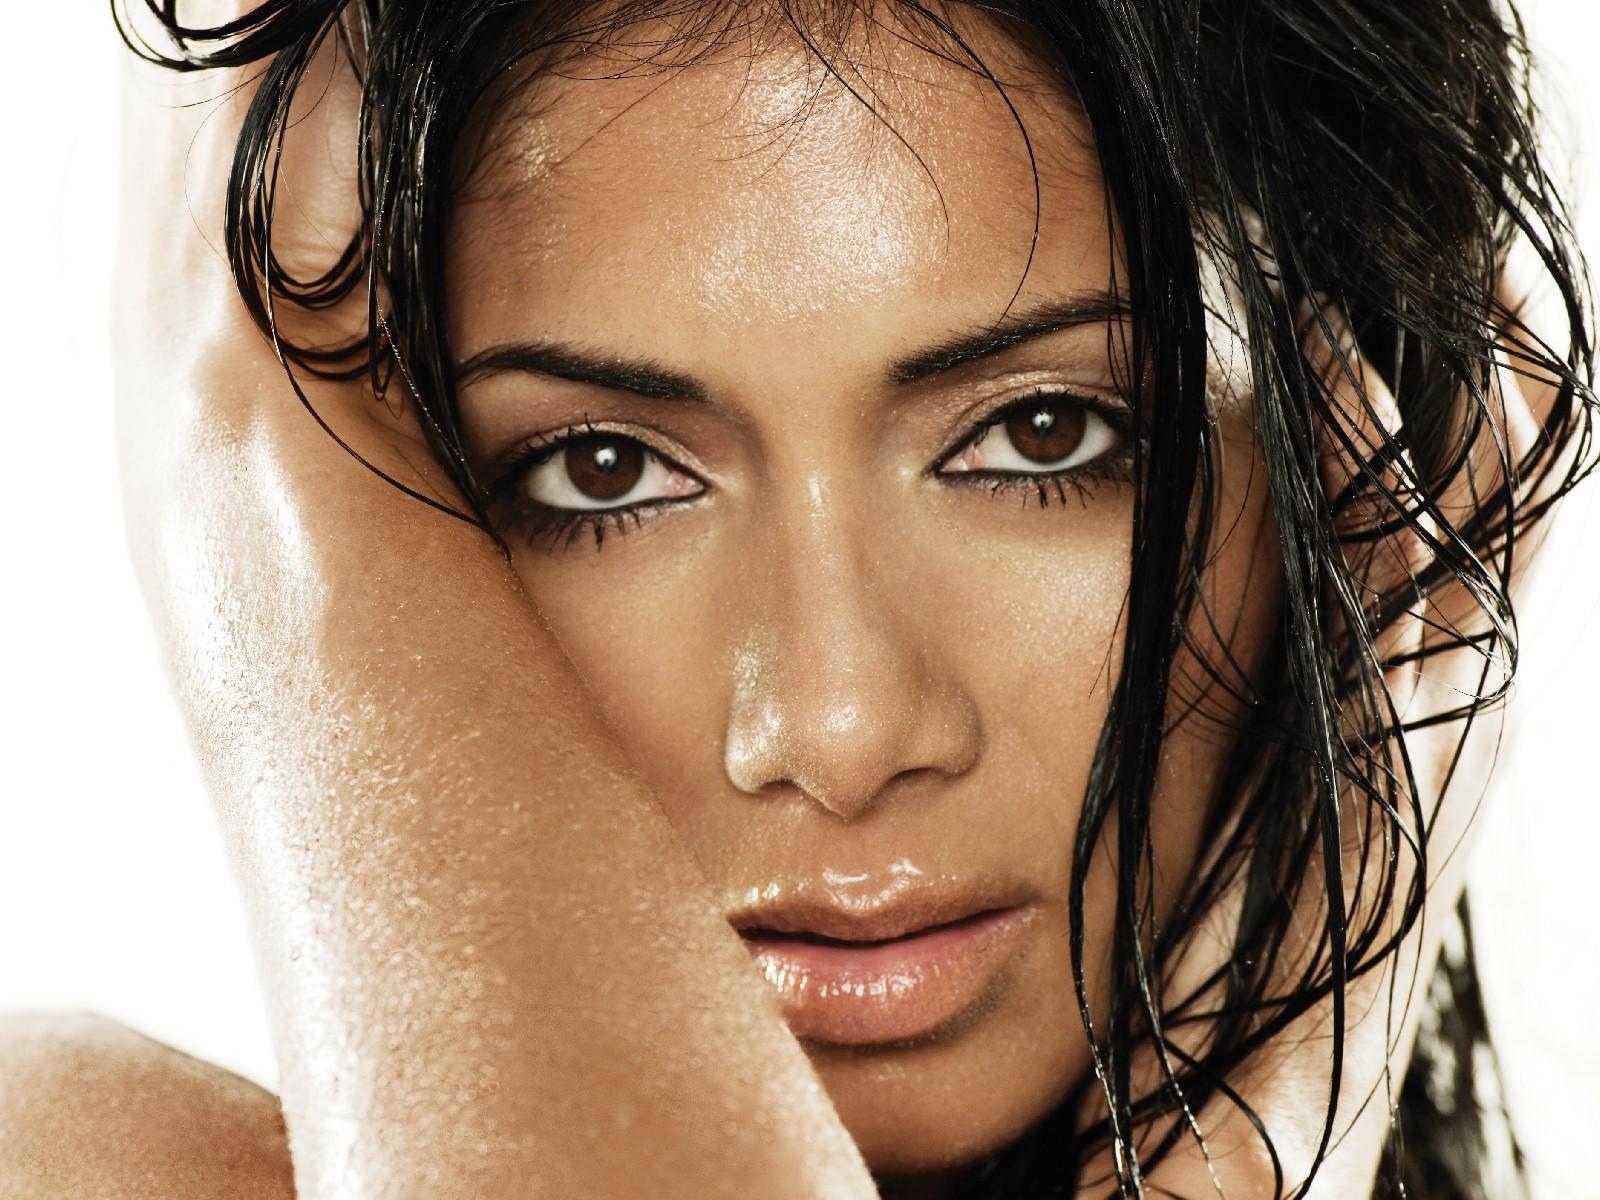 http://4.bp.blogspot.com/-aJ5qWg8WJ5s/Tjdchv40-JI/AAAAAAAAAZw/HEln-6Fh7zU/s1600/Nicole-Scherzinger-wallpapers-hd.jpg